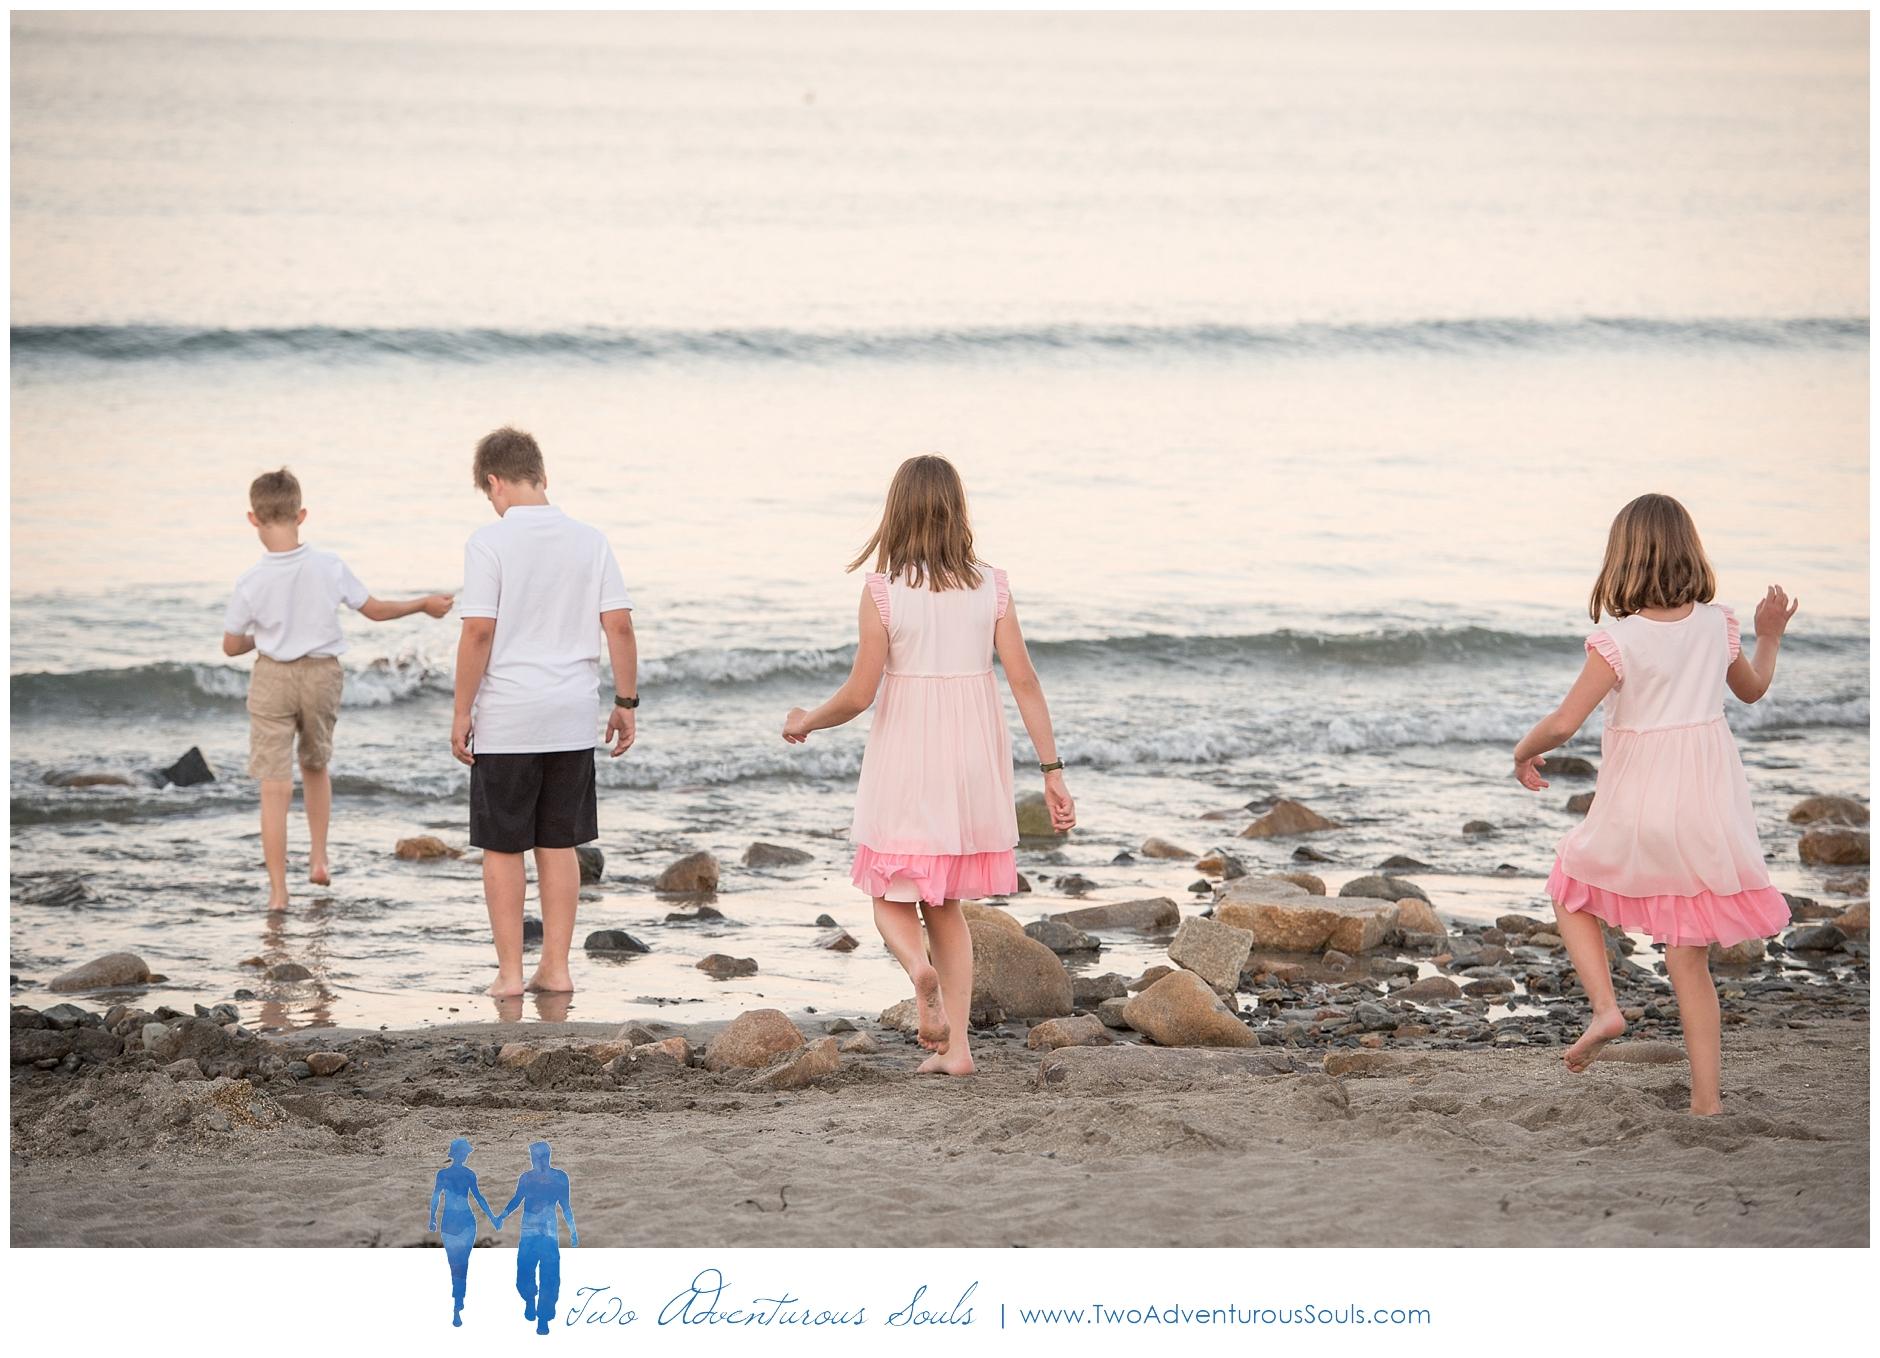 York Beach Family Portraits, York Photographer -